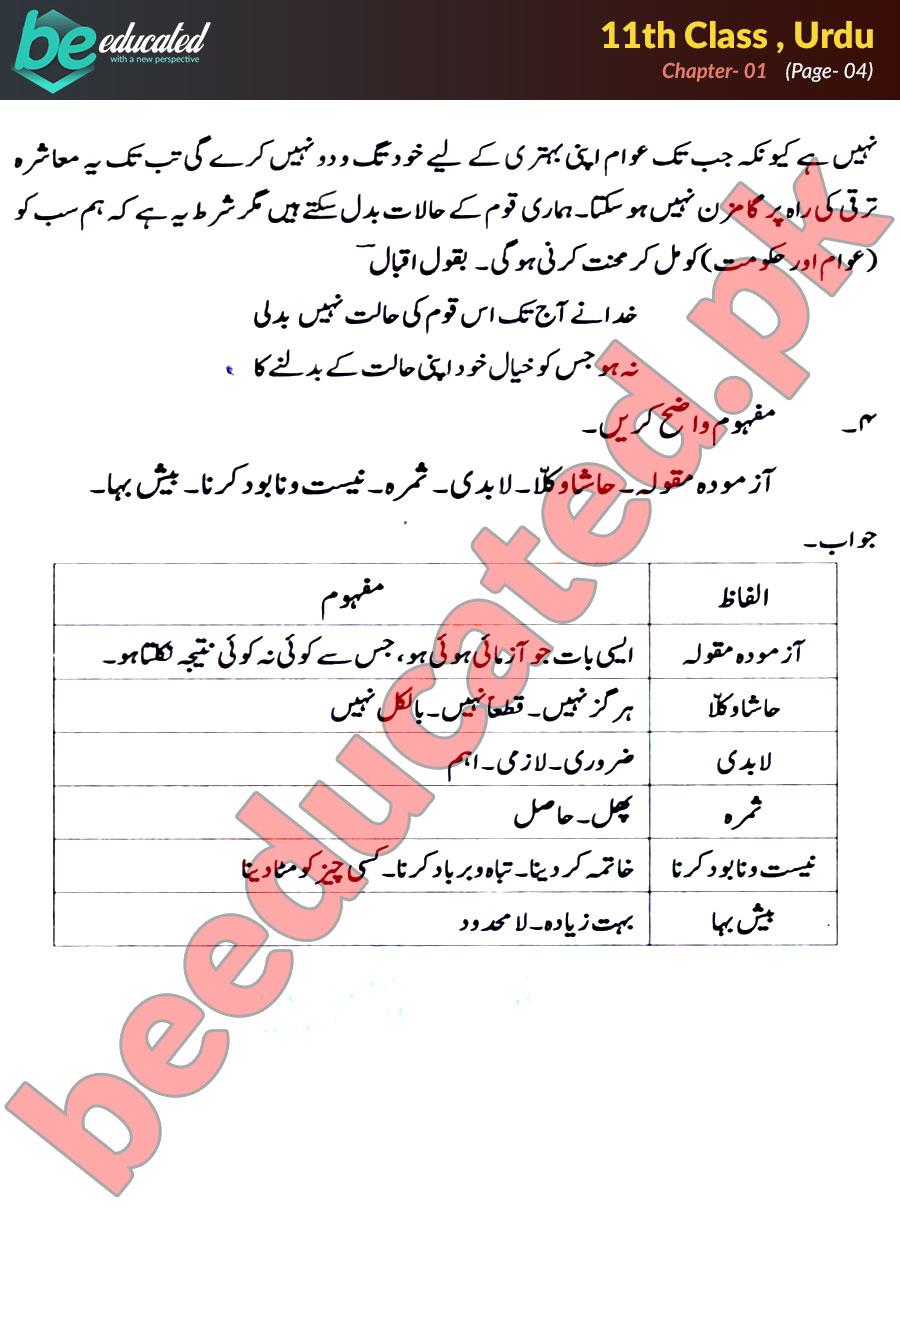 Chapter 1 Urdu FSc Part 1 Notes - Inter Part 1 Notes